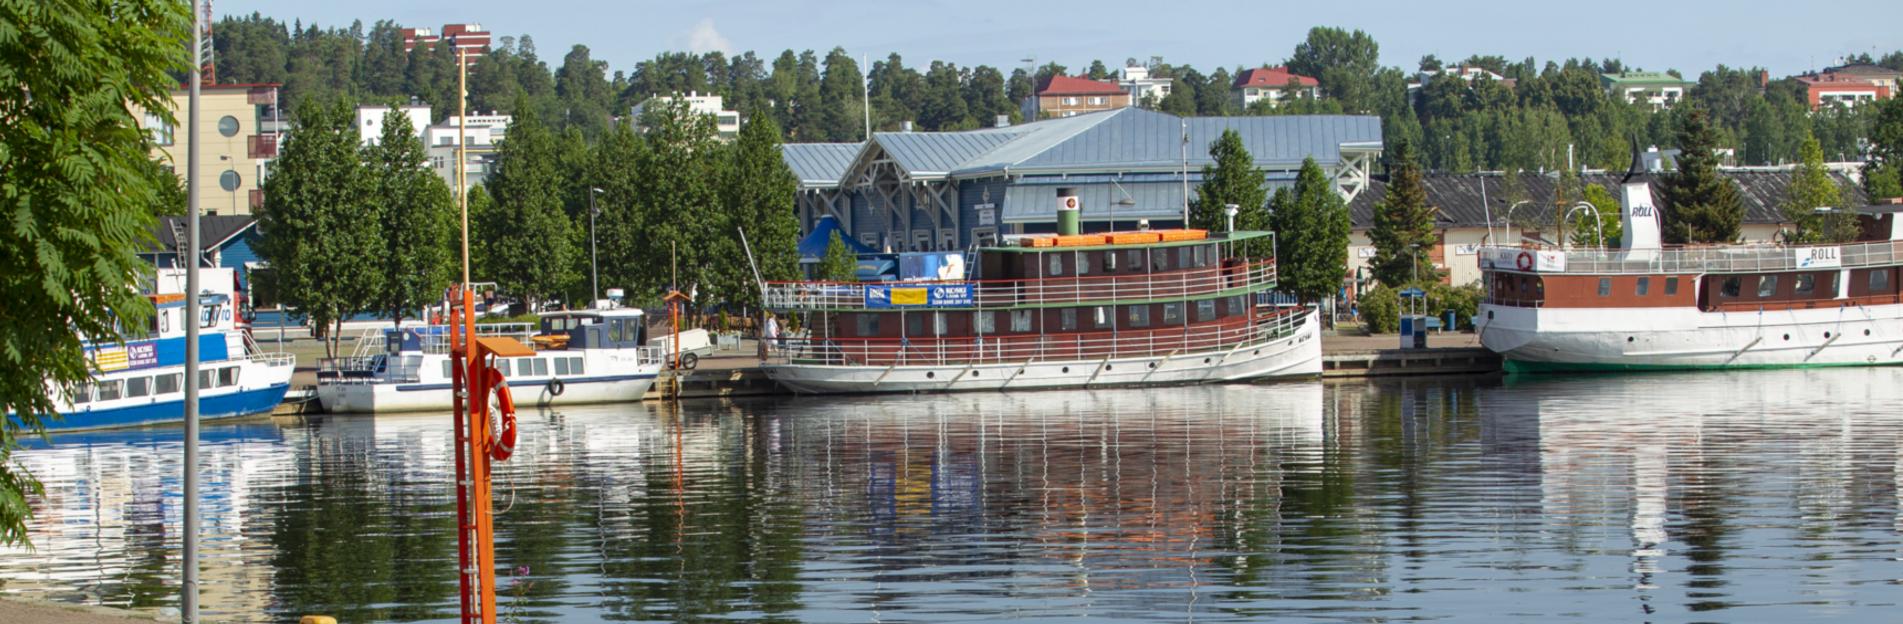 Kuopion Kuopion Satama: Valkokylkisiä laivoja ja sinisiä satamarakennuksia. Kuvaaja: Vicente Serra.